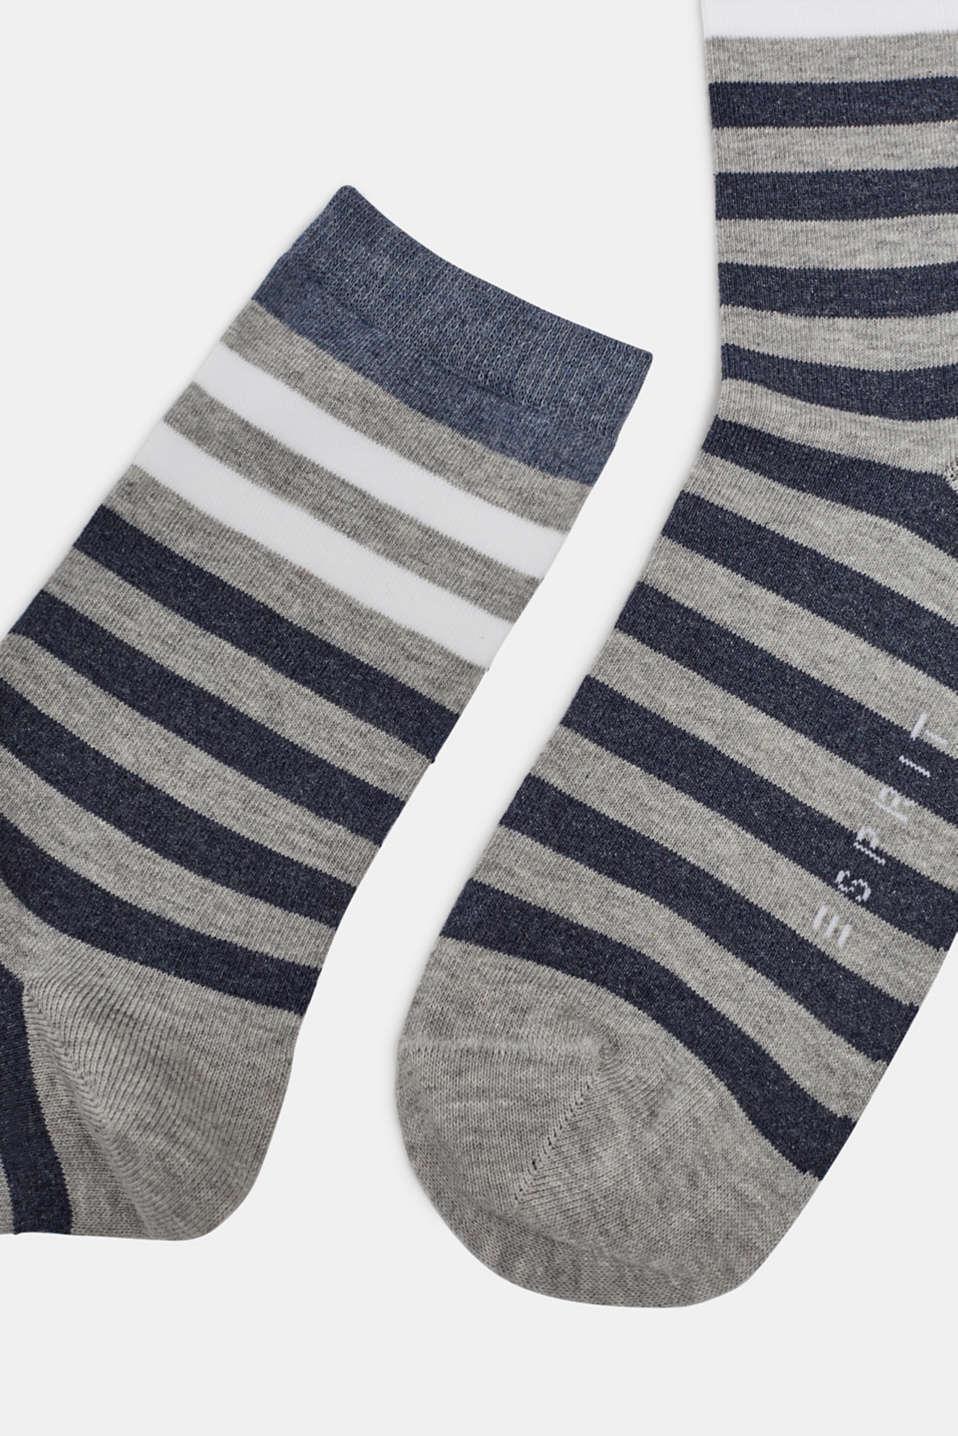 Socks with a melange striped pattern, LIGHT GREY, detail image number 1